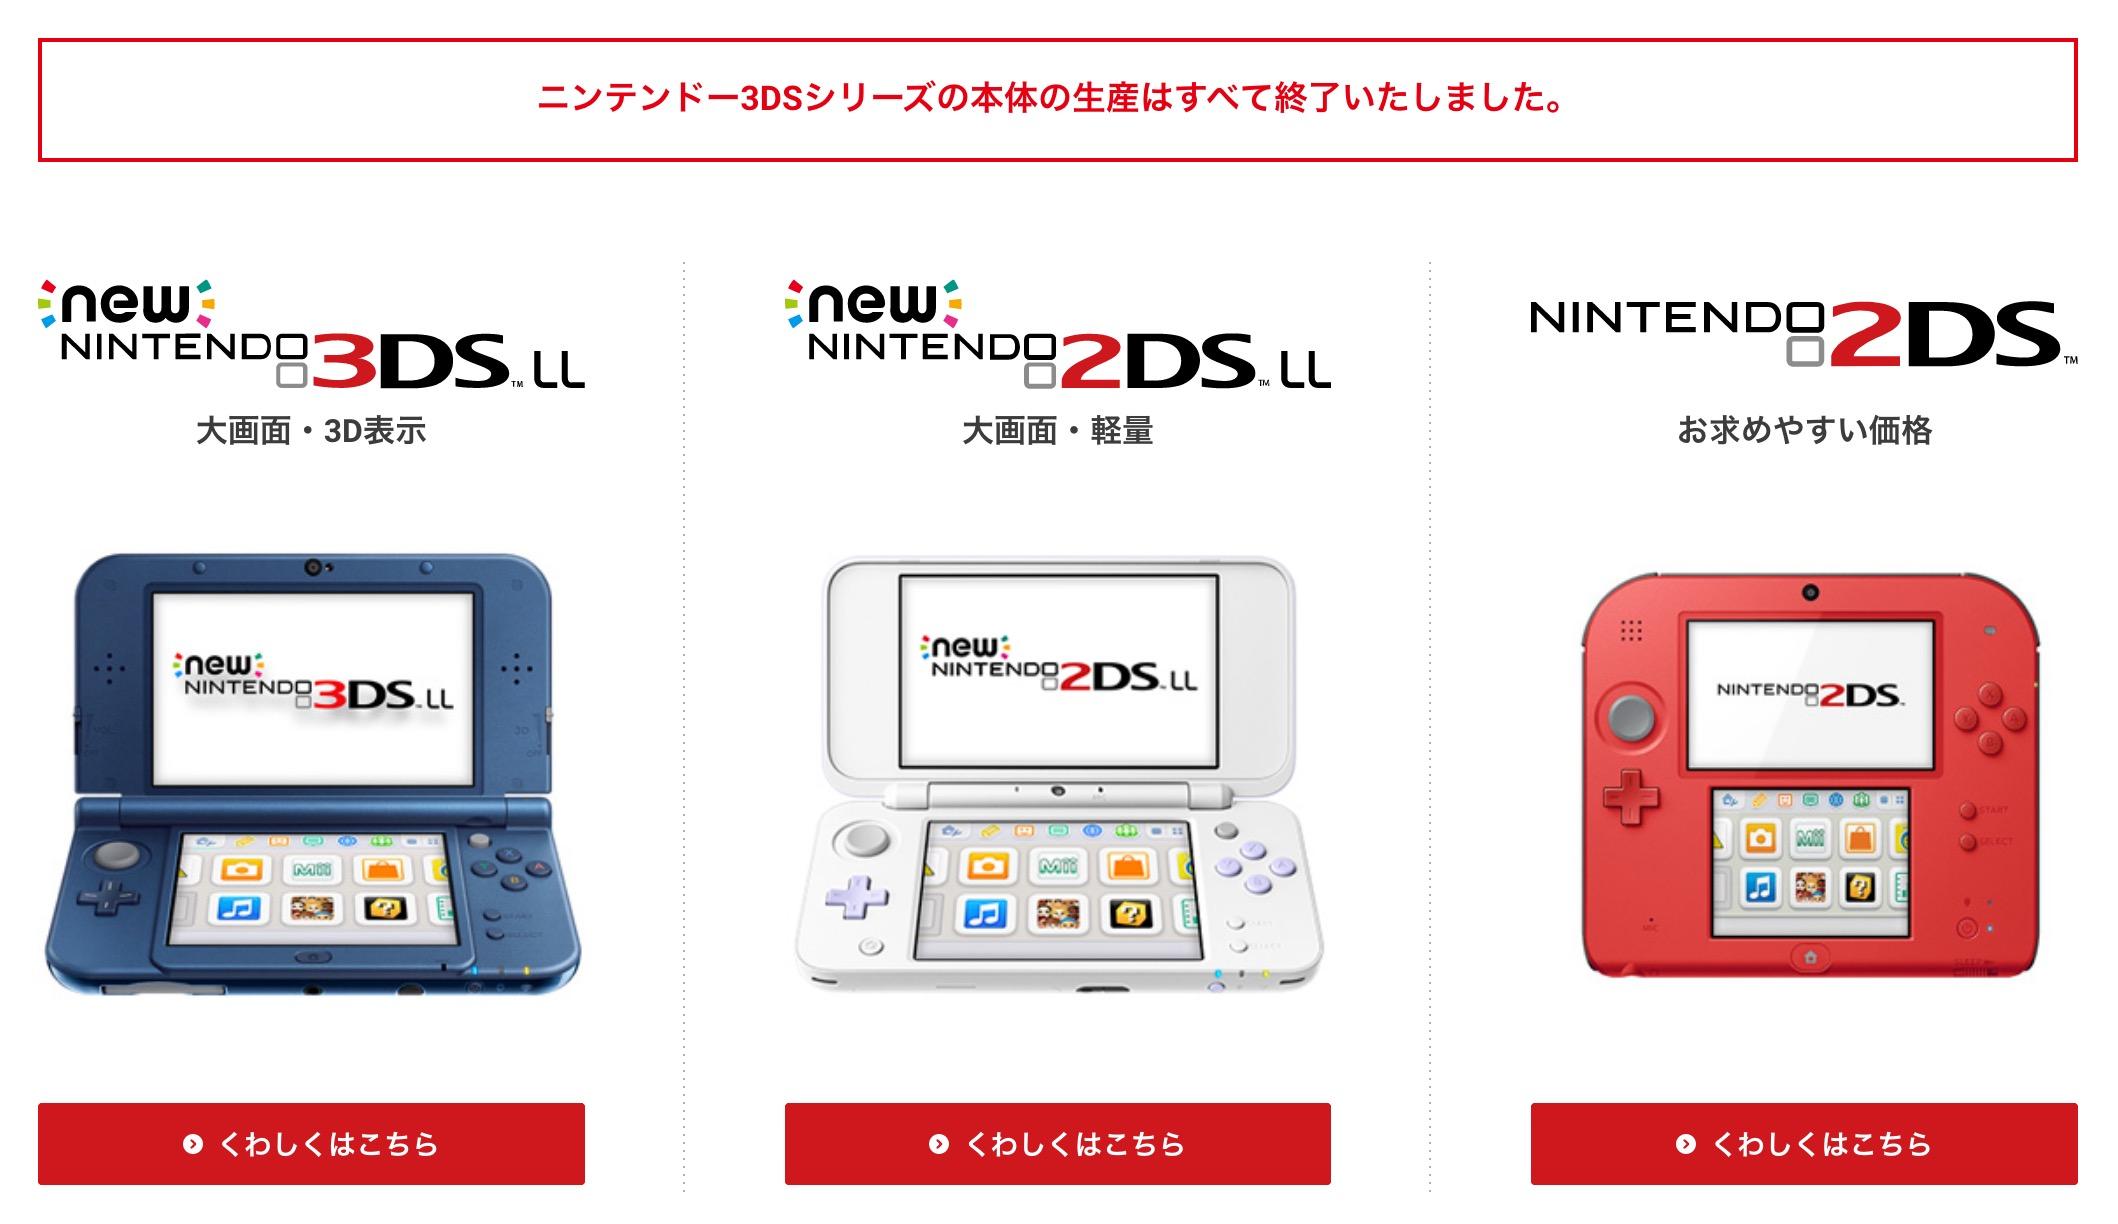 任天堂宣布Nintendo 3DS系列已停止生产